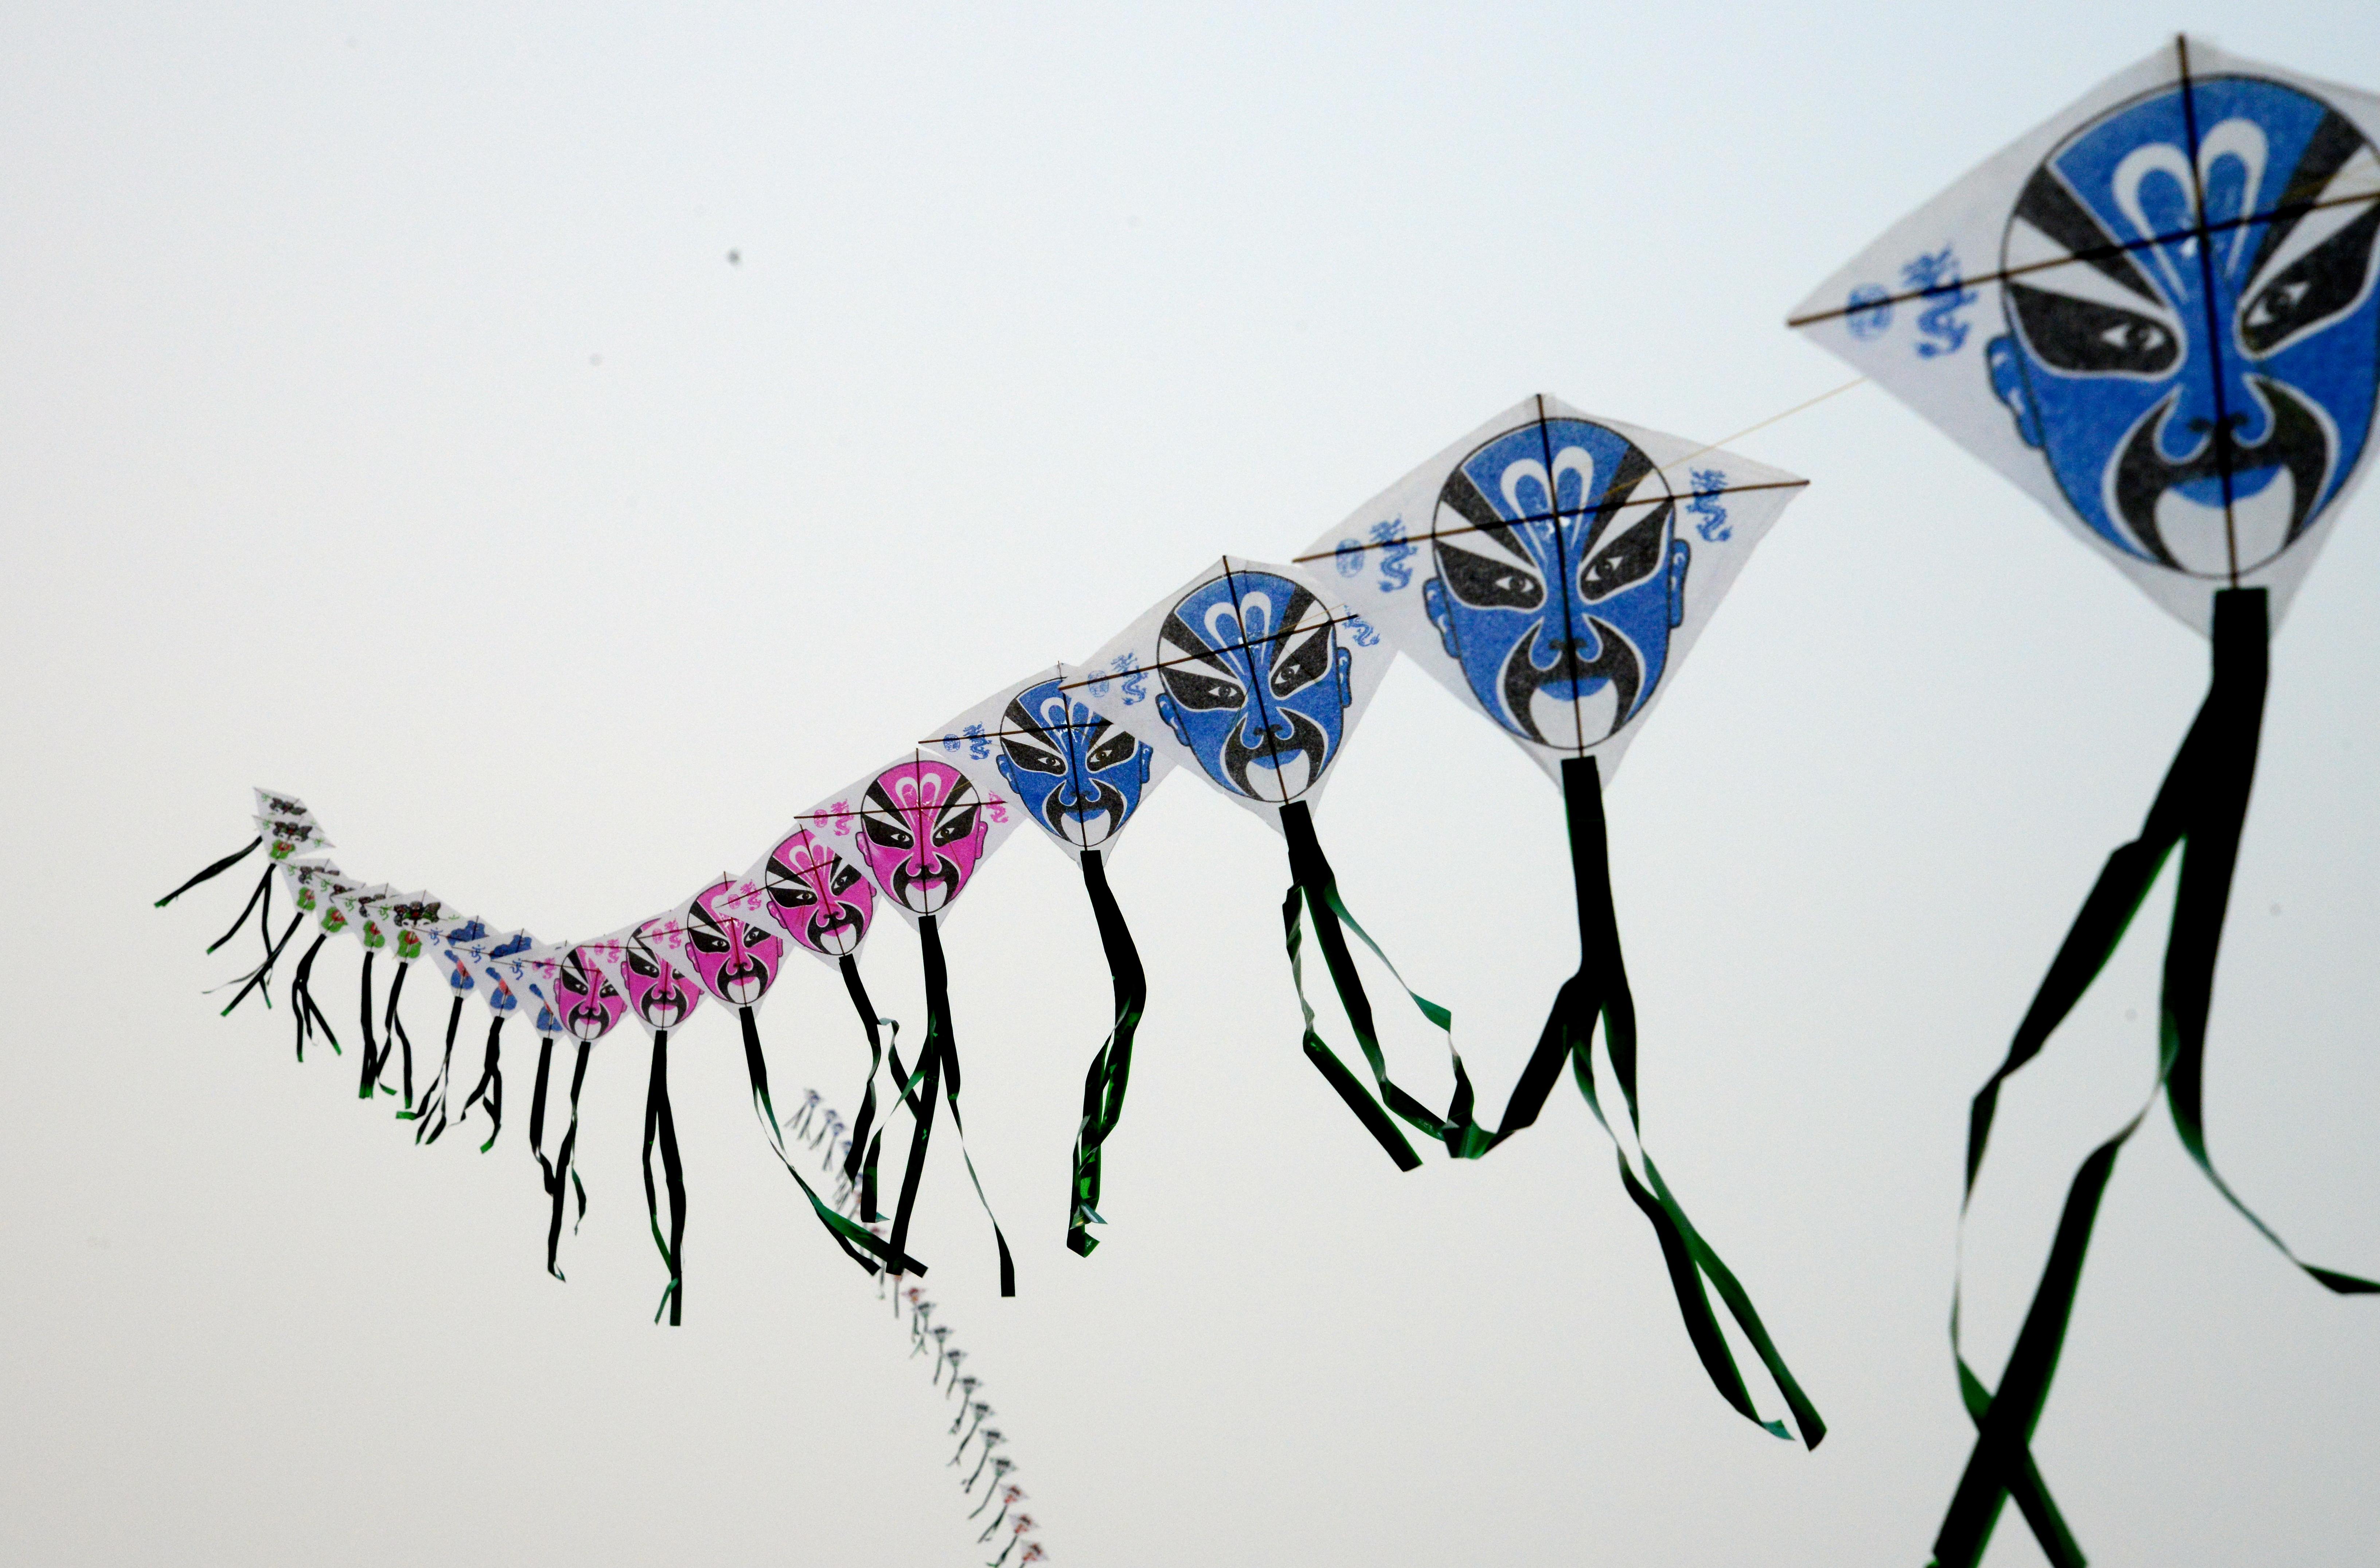 O Parque Olímpico de Pequim